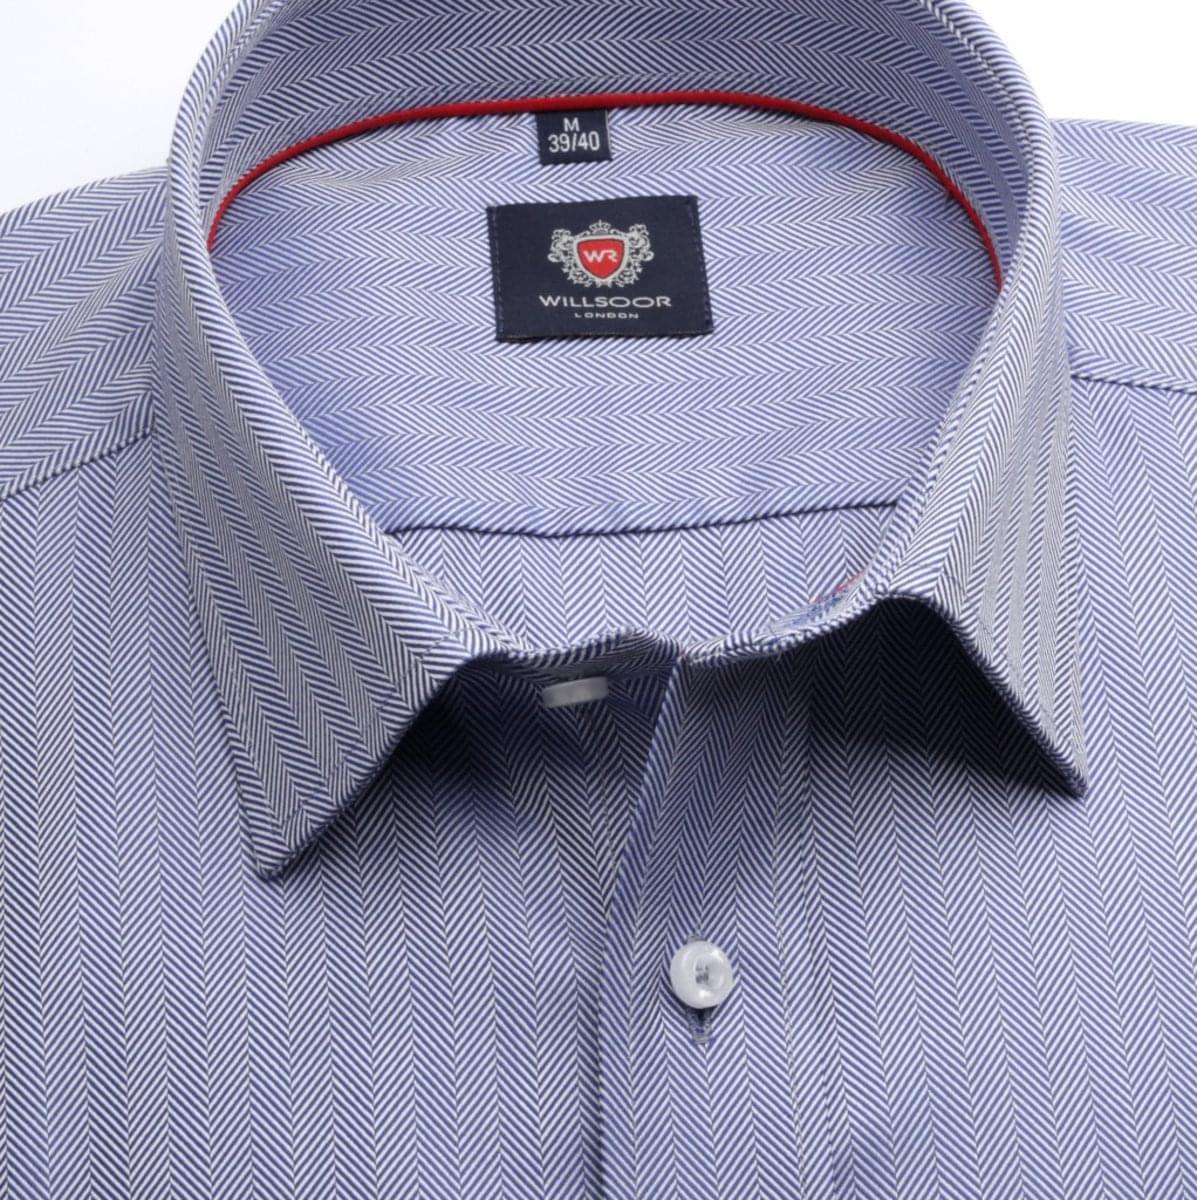 Pánská klasická košile London (výška 188-194) 6683 v modré barvě s formulí Easy Care 188-194 / XXL (45/46)